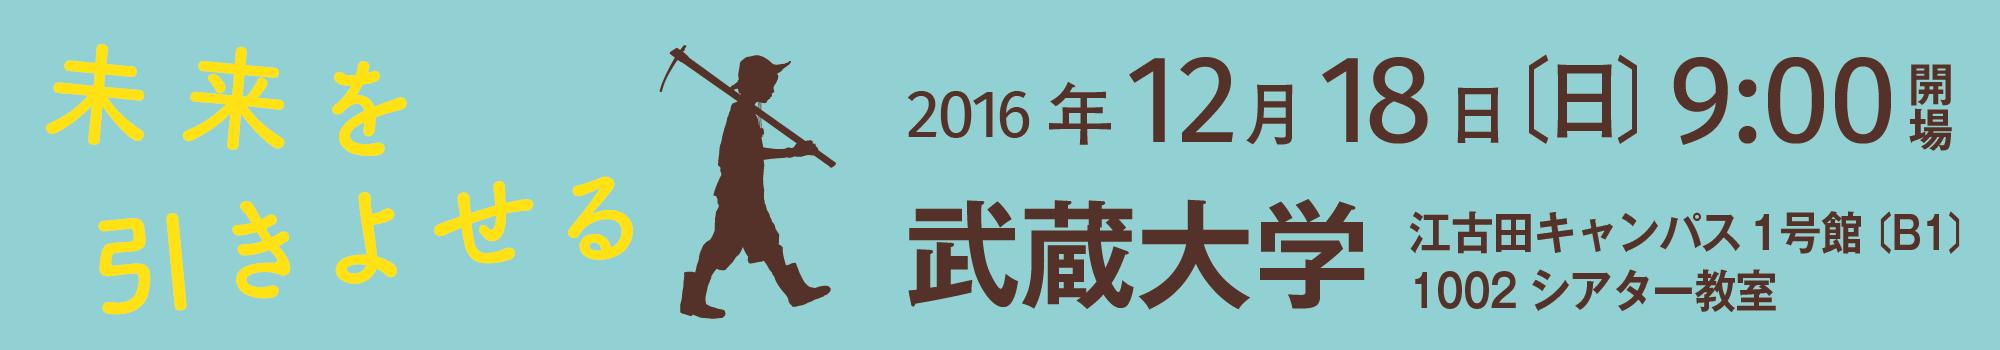 2016年12月18日武蔵大学